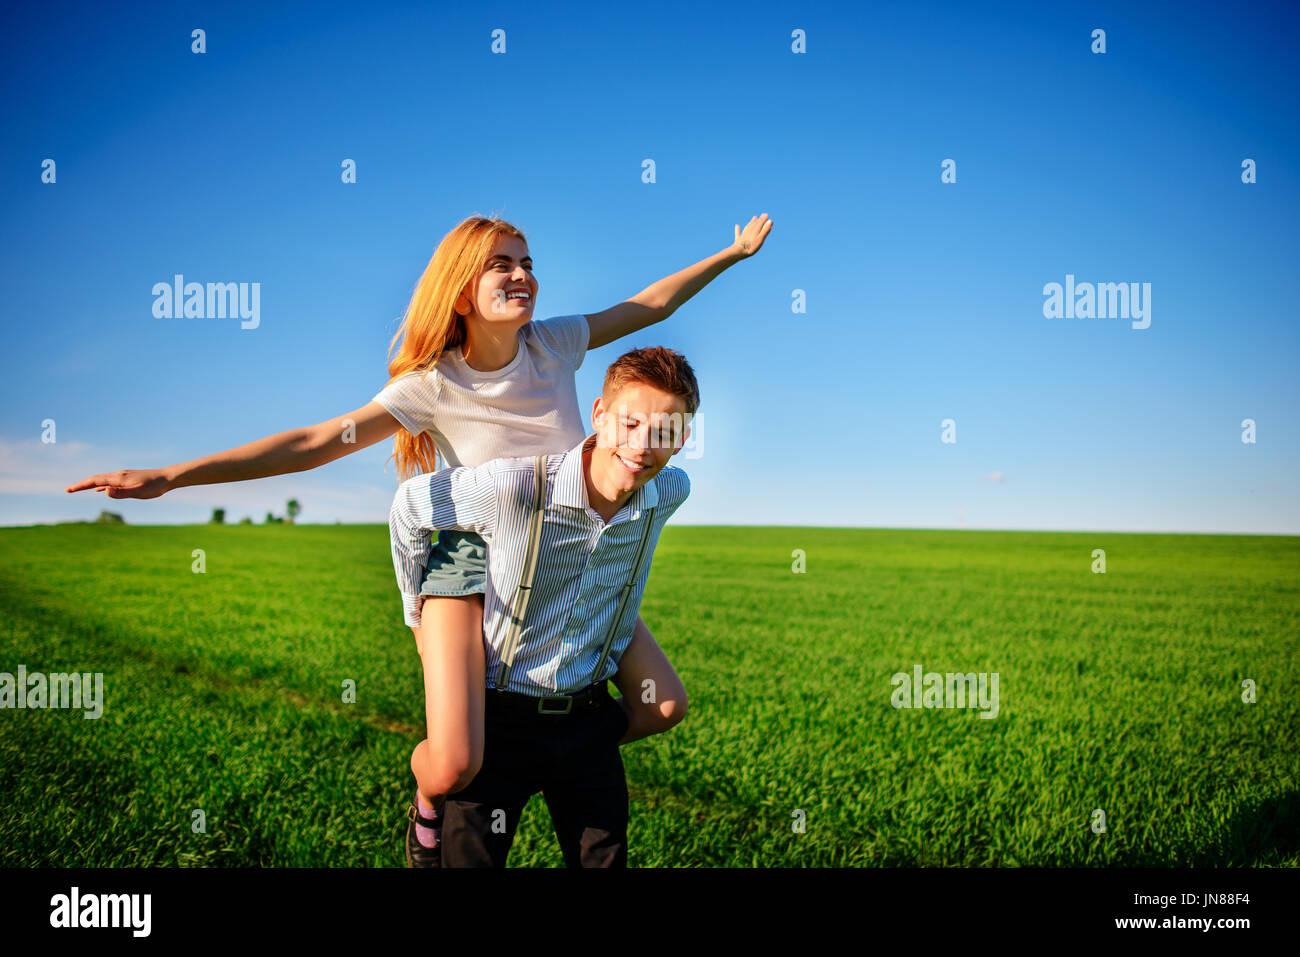 Hombre sonriente sosteniendo en su espalda feliz mujer, que saca sus brazos y simula un vuelo contra el fondo del cielo azul y el verde de la FIE Imagen De Stock